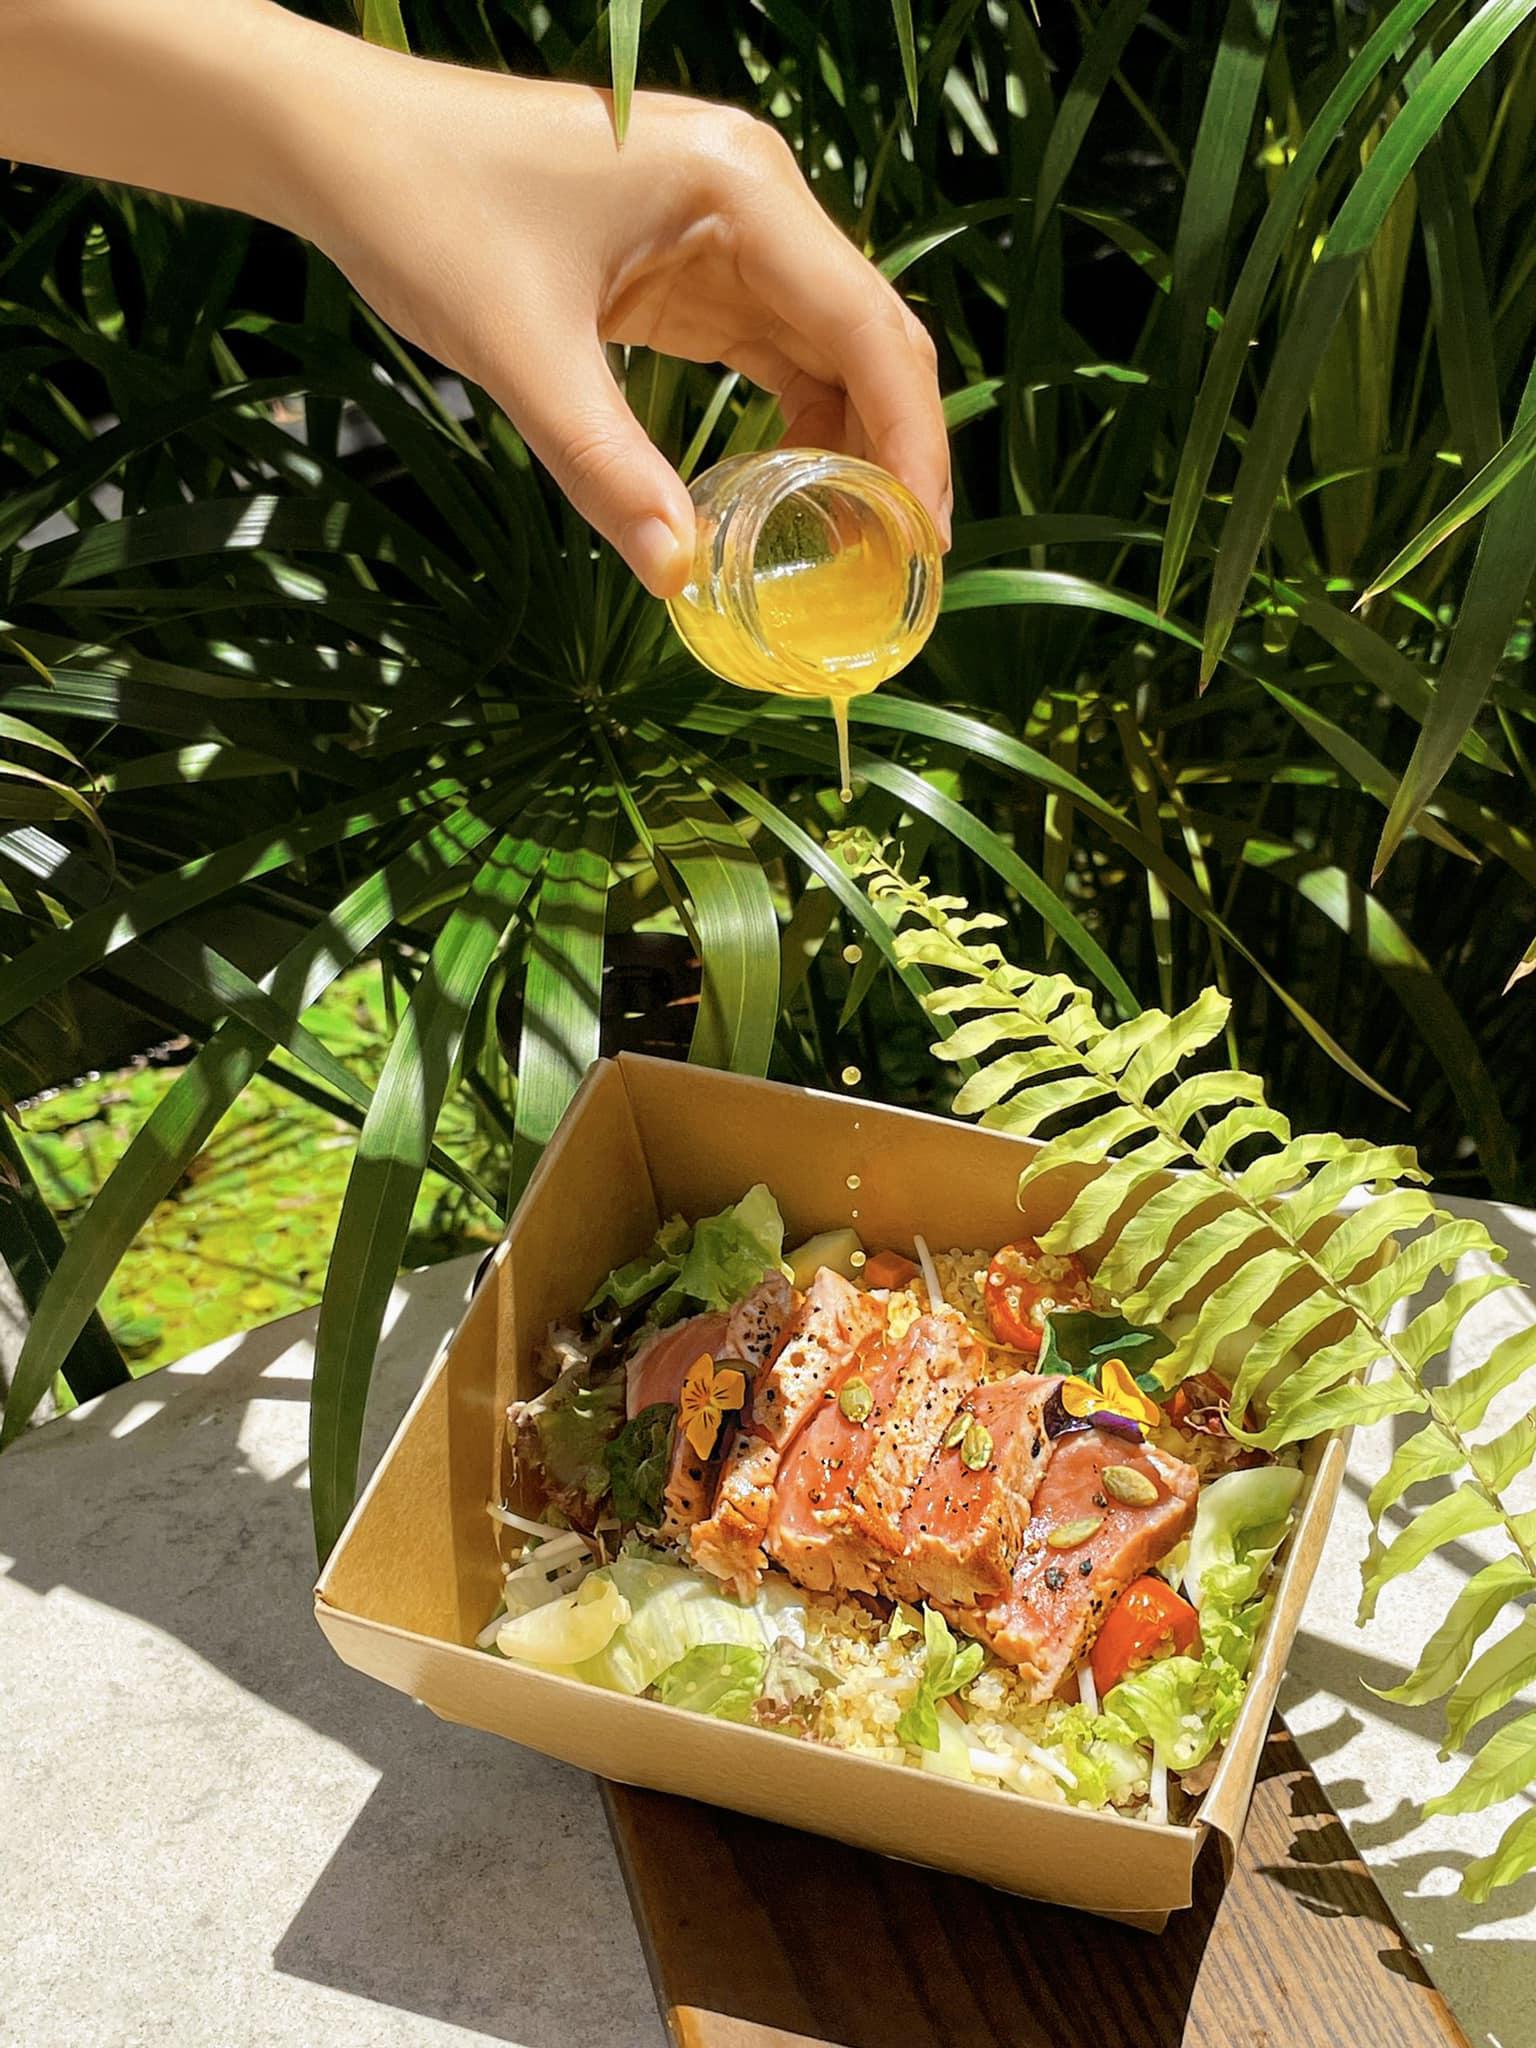 Bạn đã trải nghiệm thử thực đơn mang đi hấp dẫn của Hôtel des Arts Saigon chưa? Thoải mái an tâm thưởng thức bữa trưa ở văn phòng hay bữa tối ở phòng ăn tại gia. Thực đơn sẵn sàng cho bạn takeaway (mang đi) từ 10h sáng đến 10h tối.